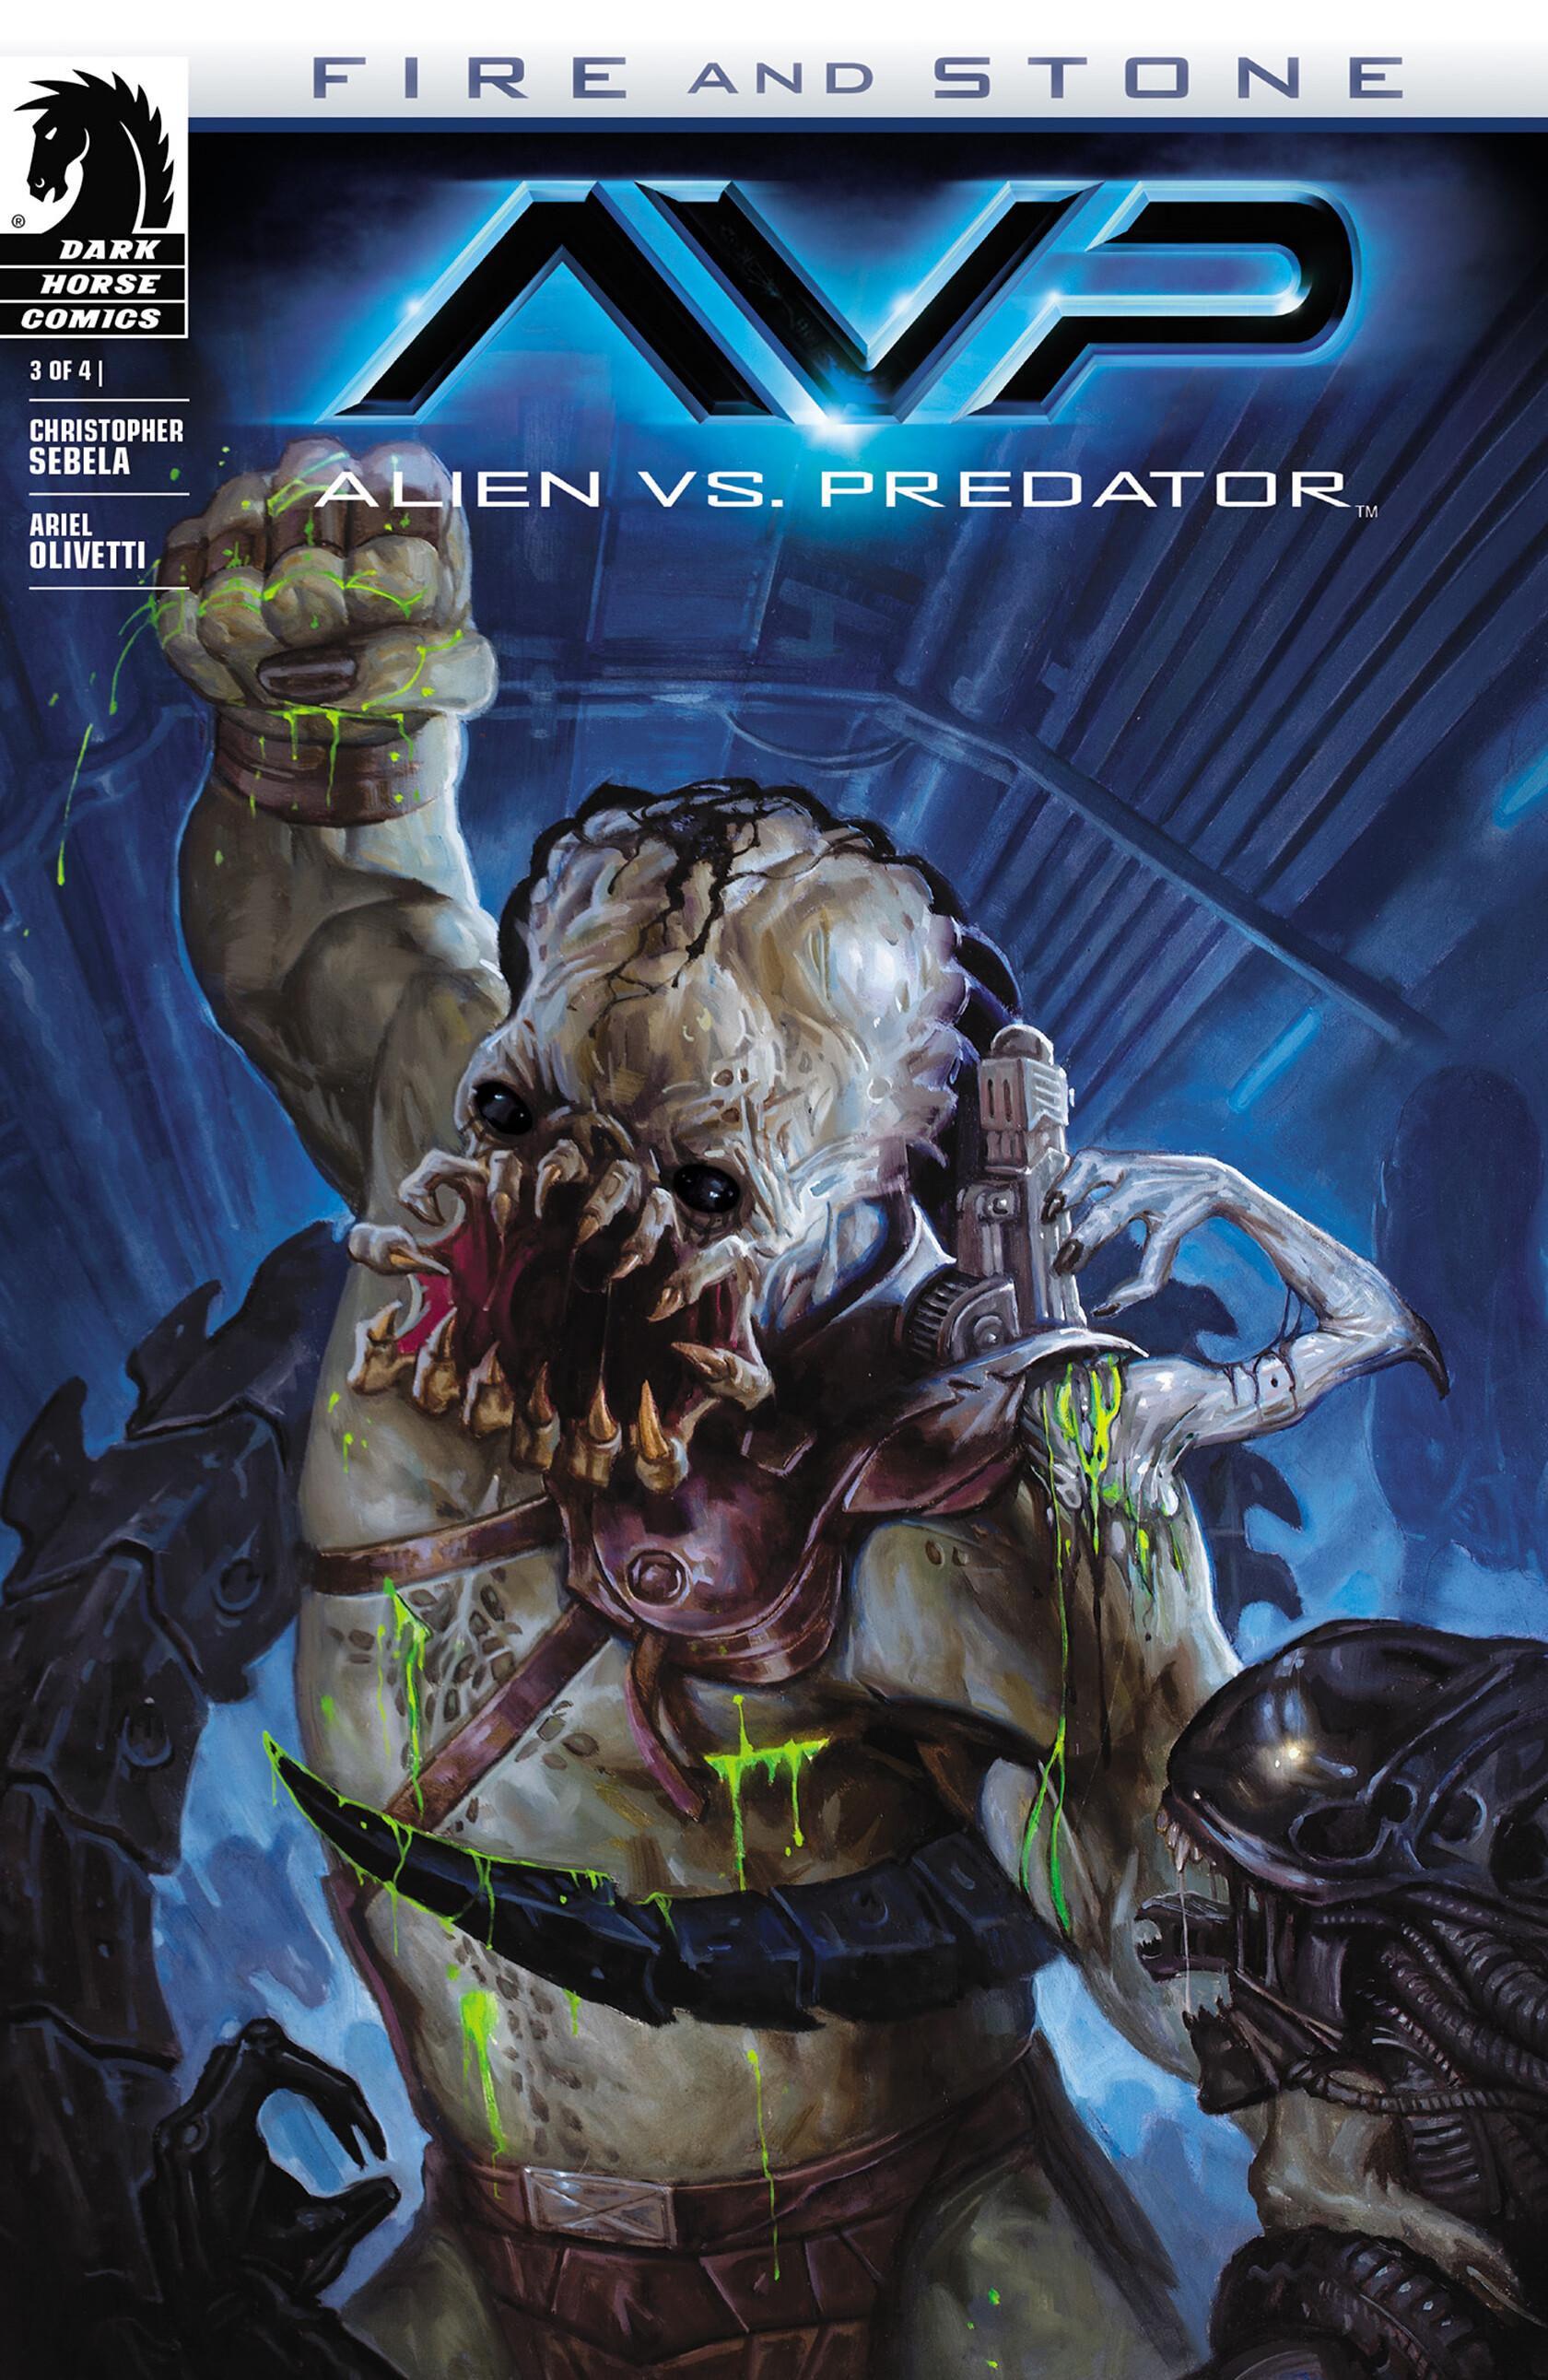 Read online Alien vs. Predator: Fire and Stone comic -  Issue #3 - 1